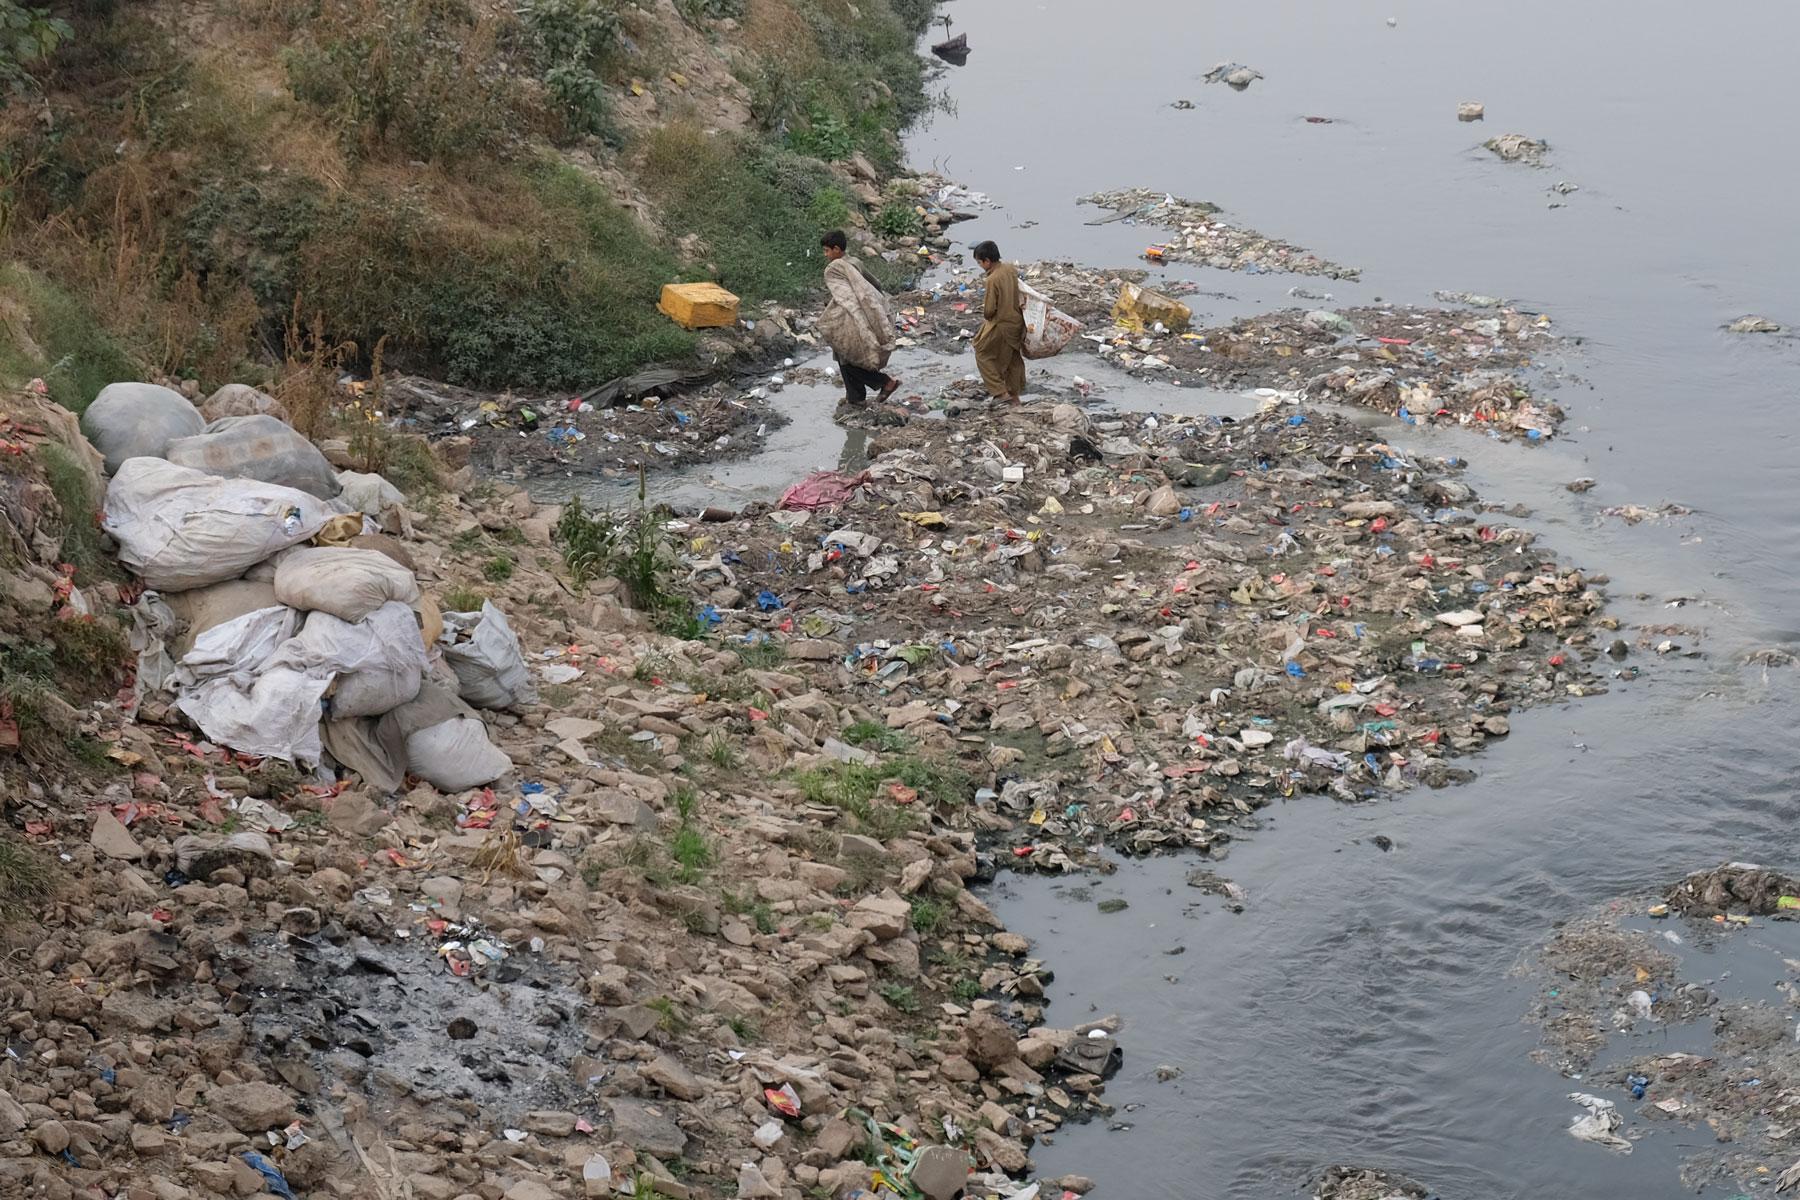 Zwei Jungen suchen am Ufer eines Flusses im Müll nach Brauchbarem.